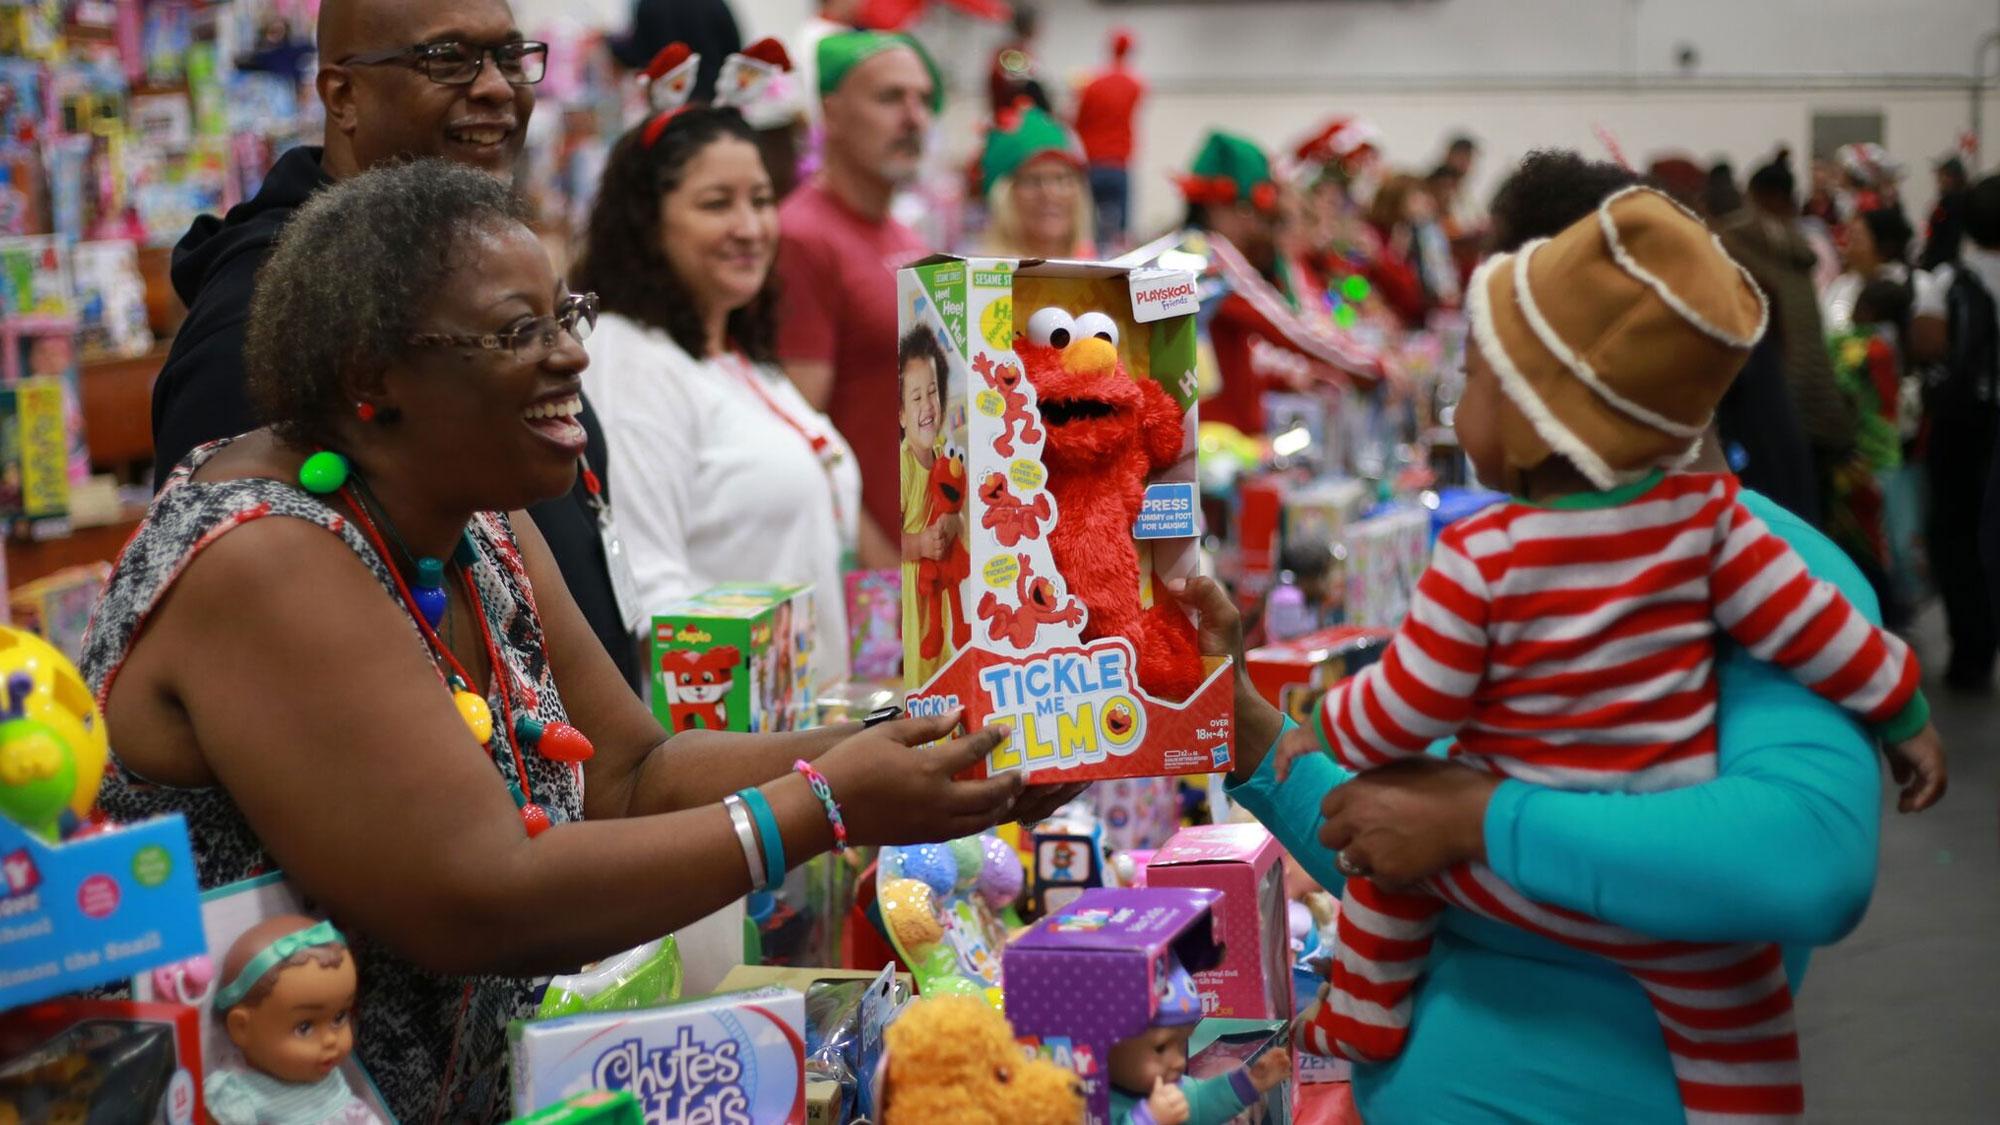 Celebrating with Toys for Joy